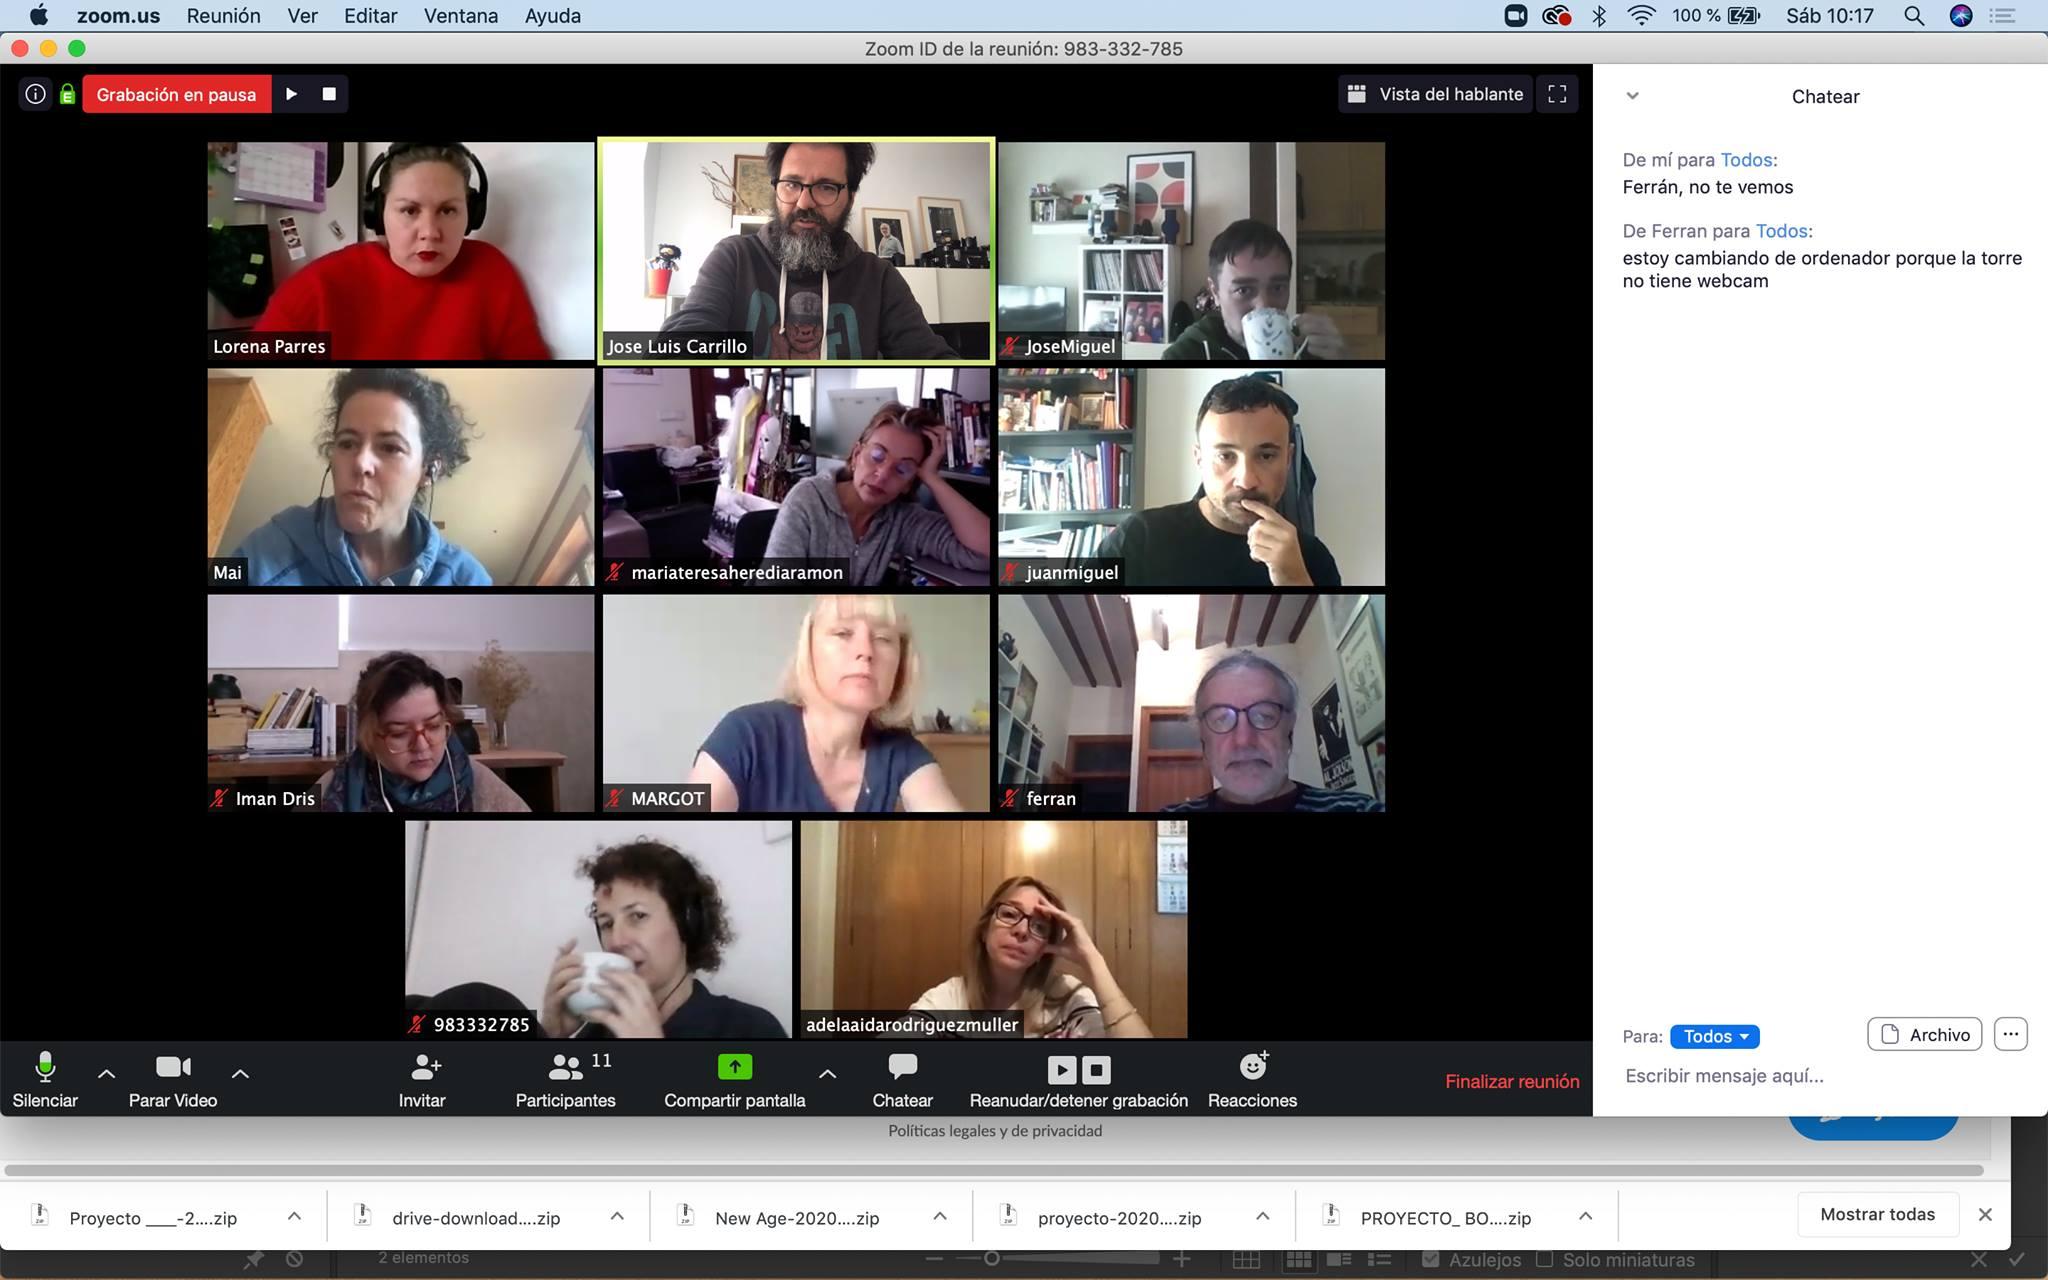 Taller online curso iniciación a la fotografía escuela Mistos Alicante